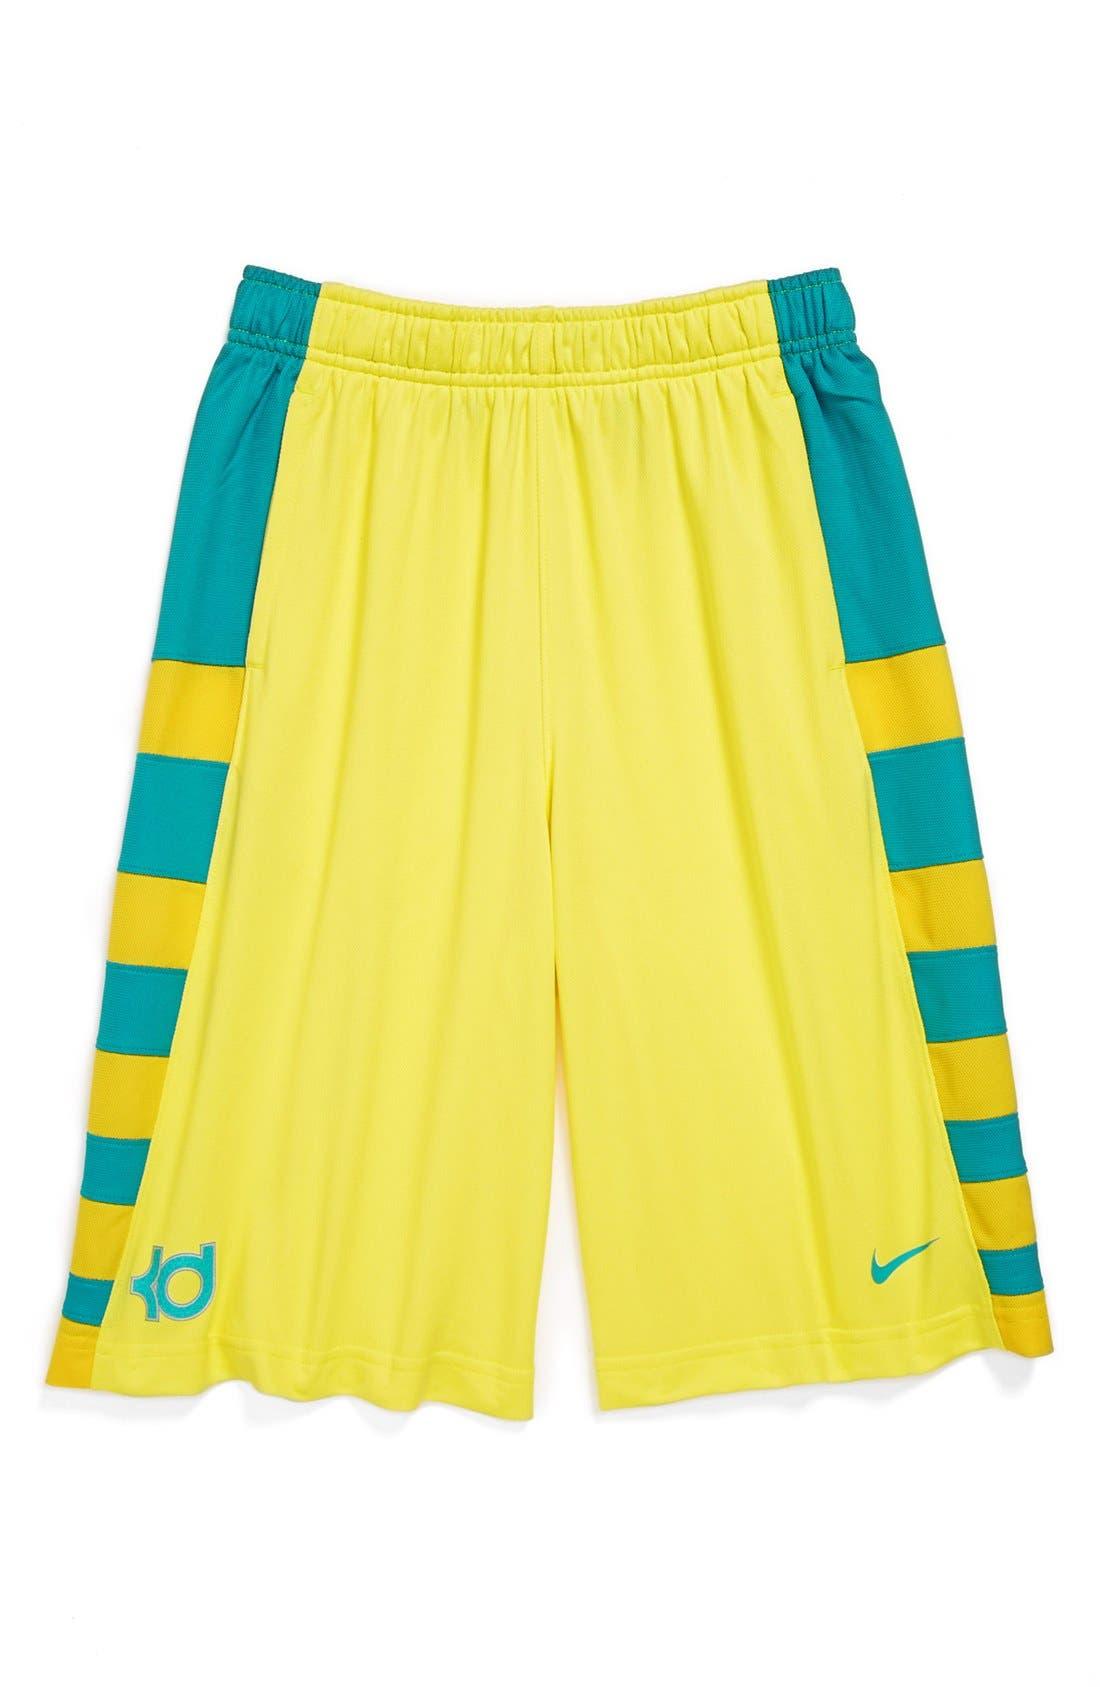 Main Image - Nike 'Lightning' Basketball Shorts (Big Boys)